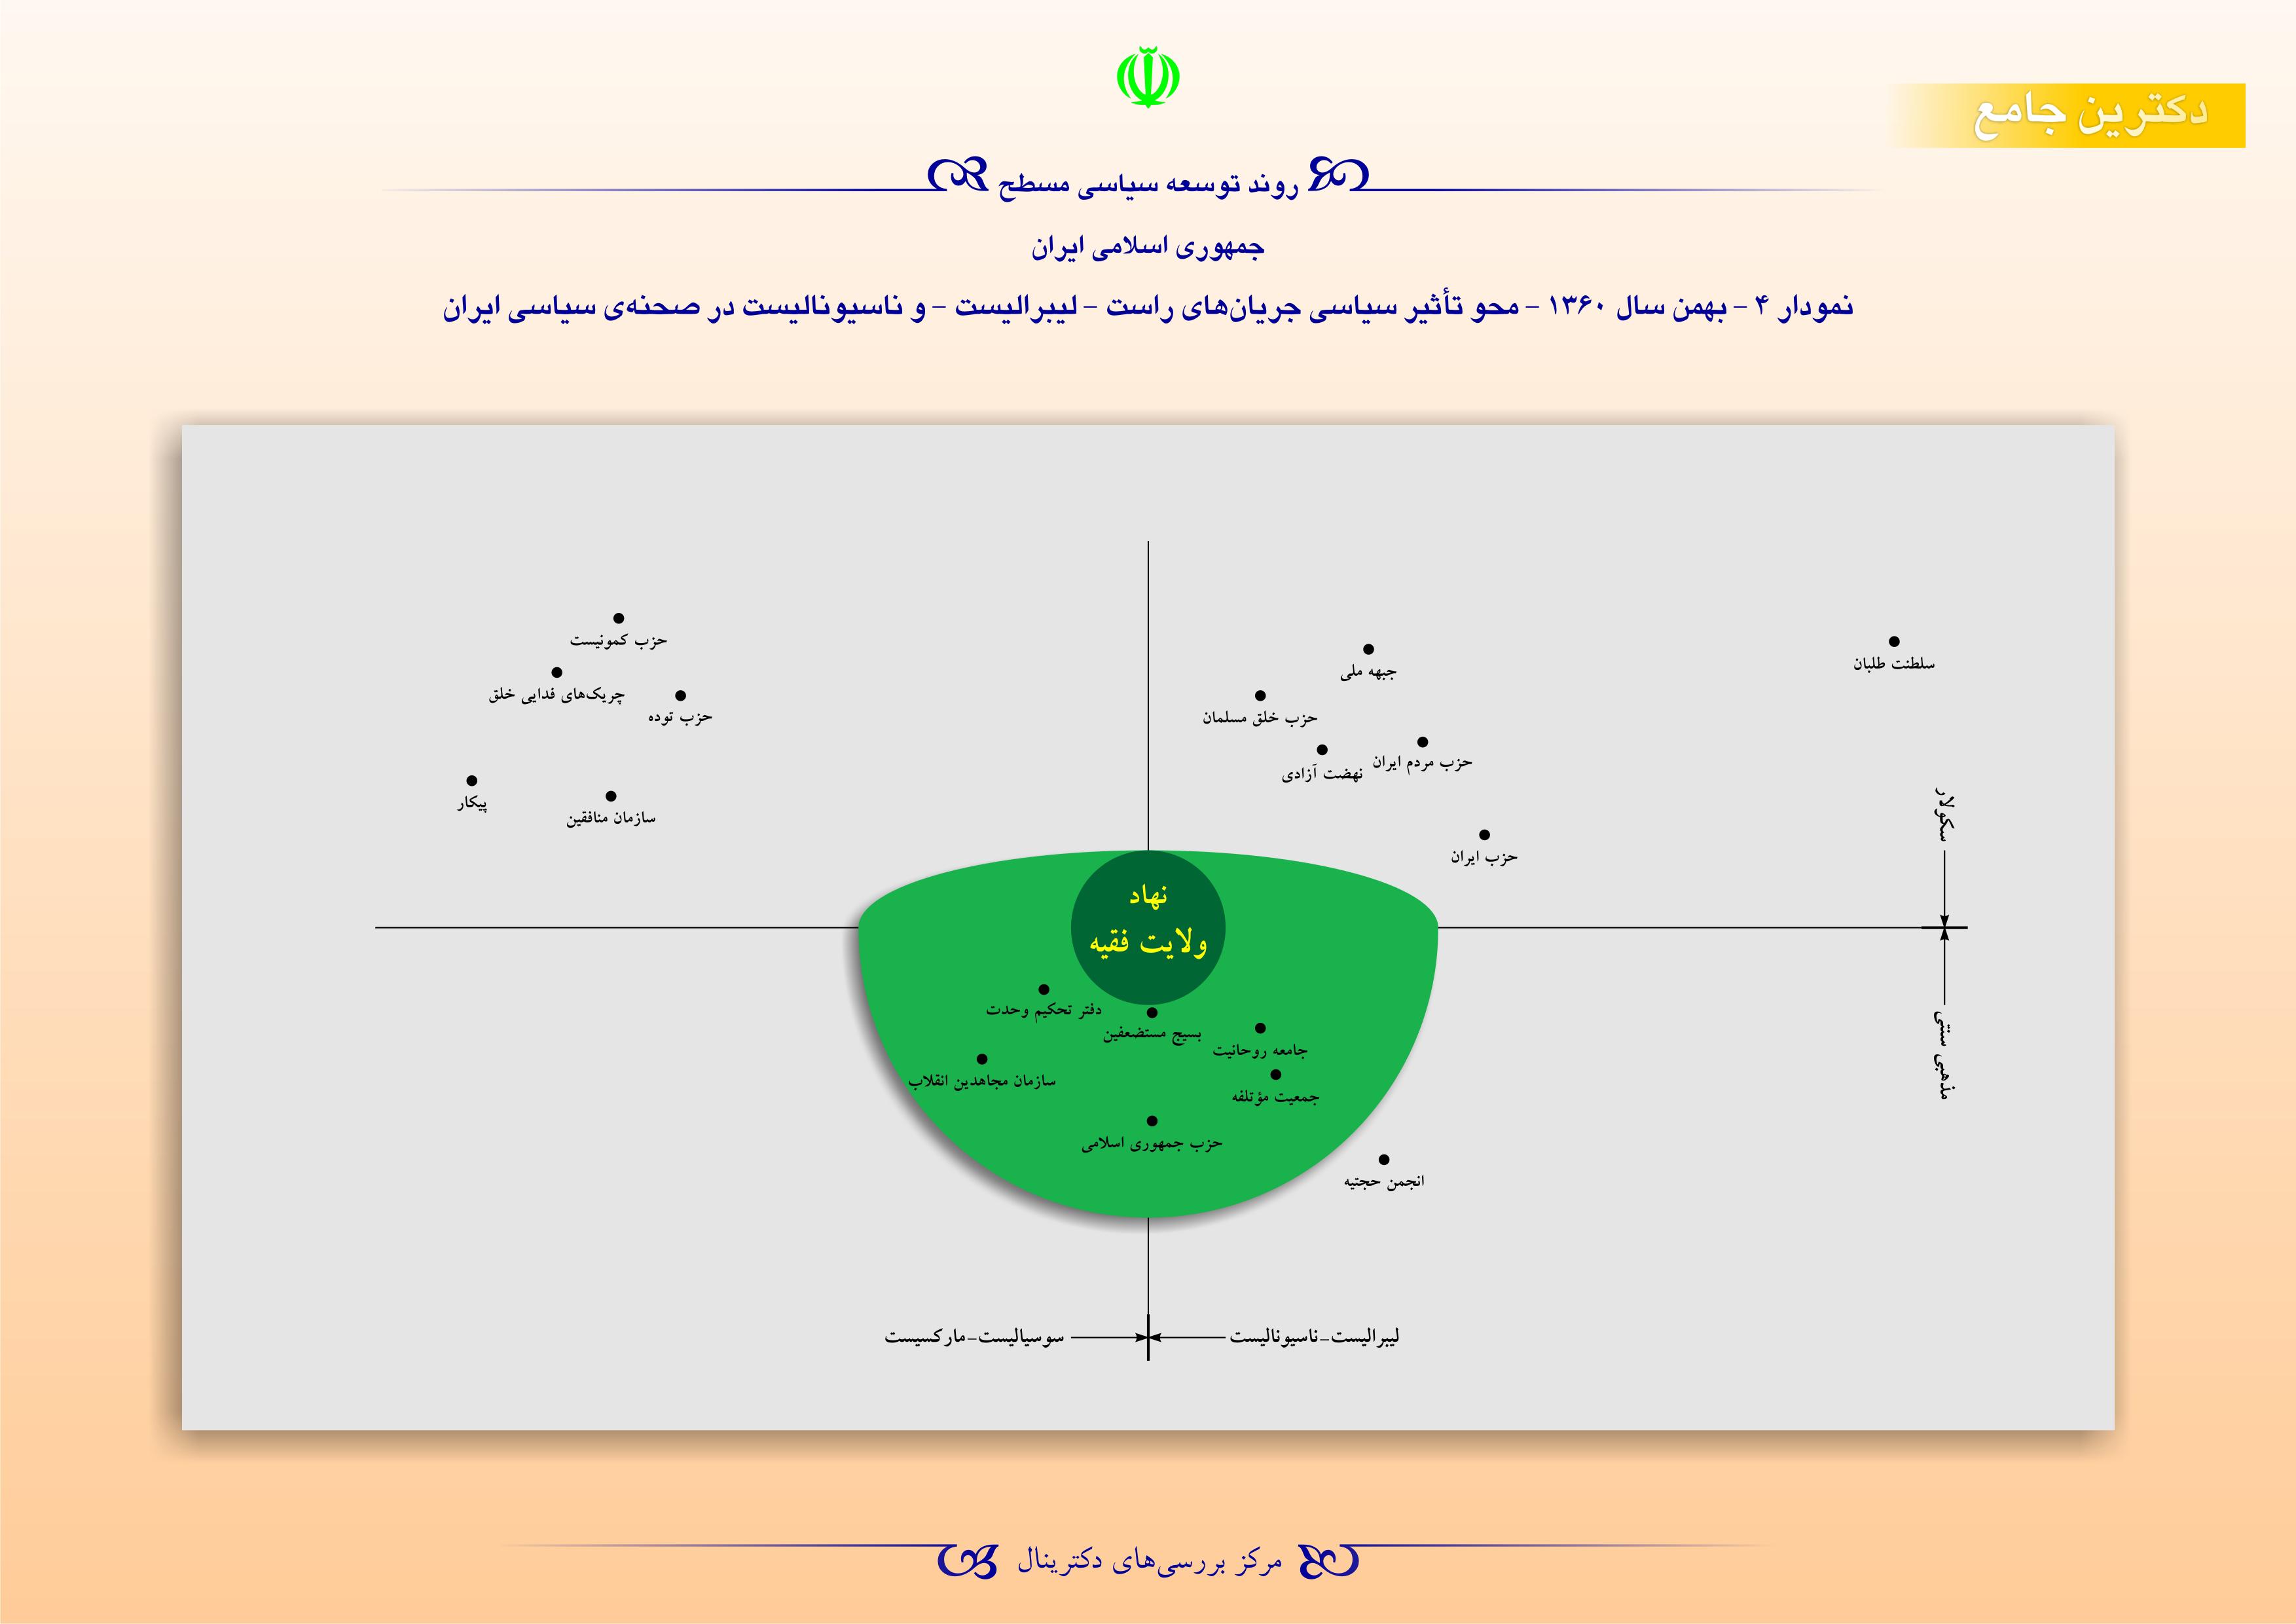 روند توسعه سیاسی مسطح جمهوری اسلامی ایران - بهمن سال 1360